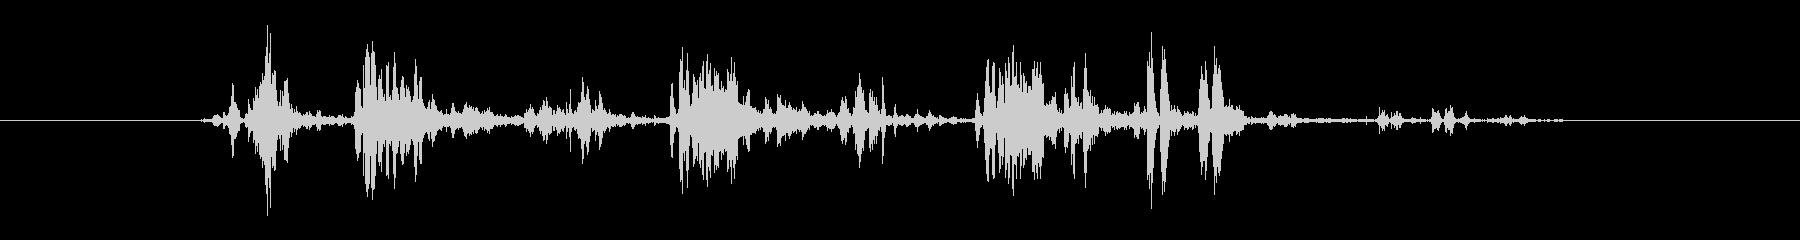 電気機械 小さな電圧スパーク03の未再生の波形